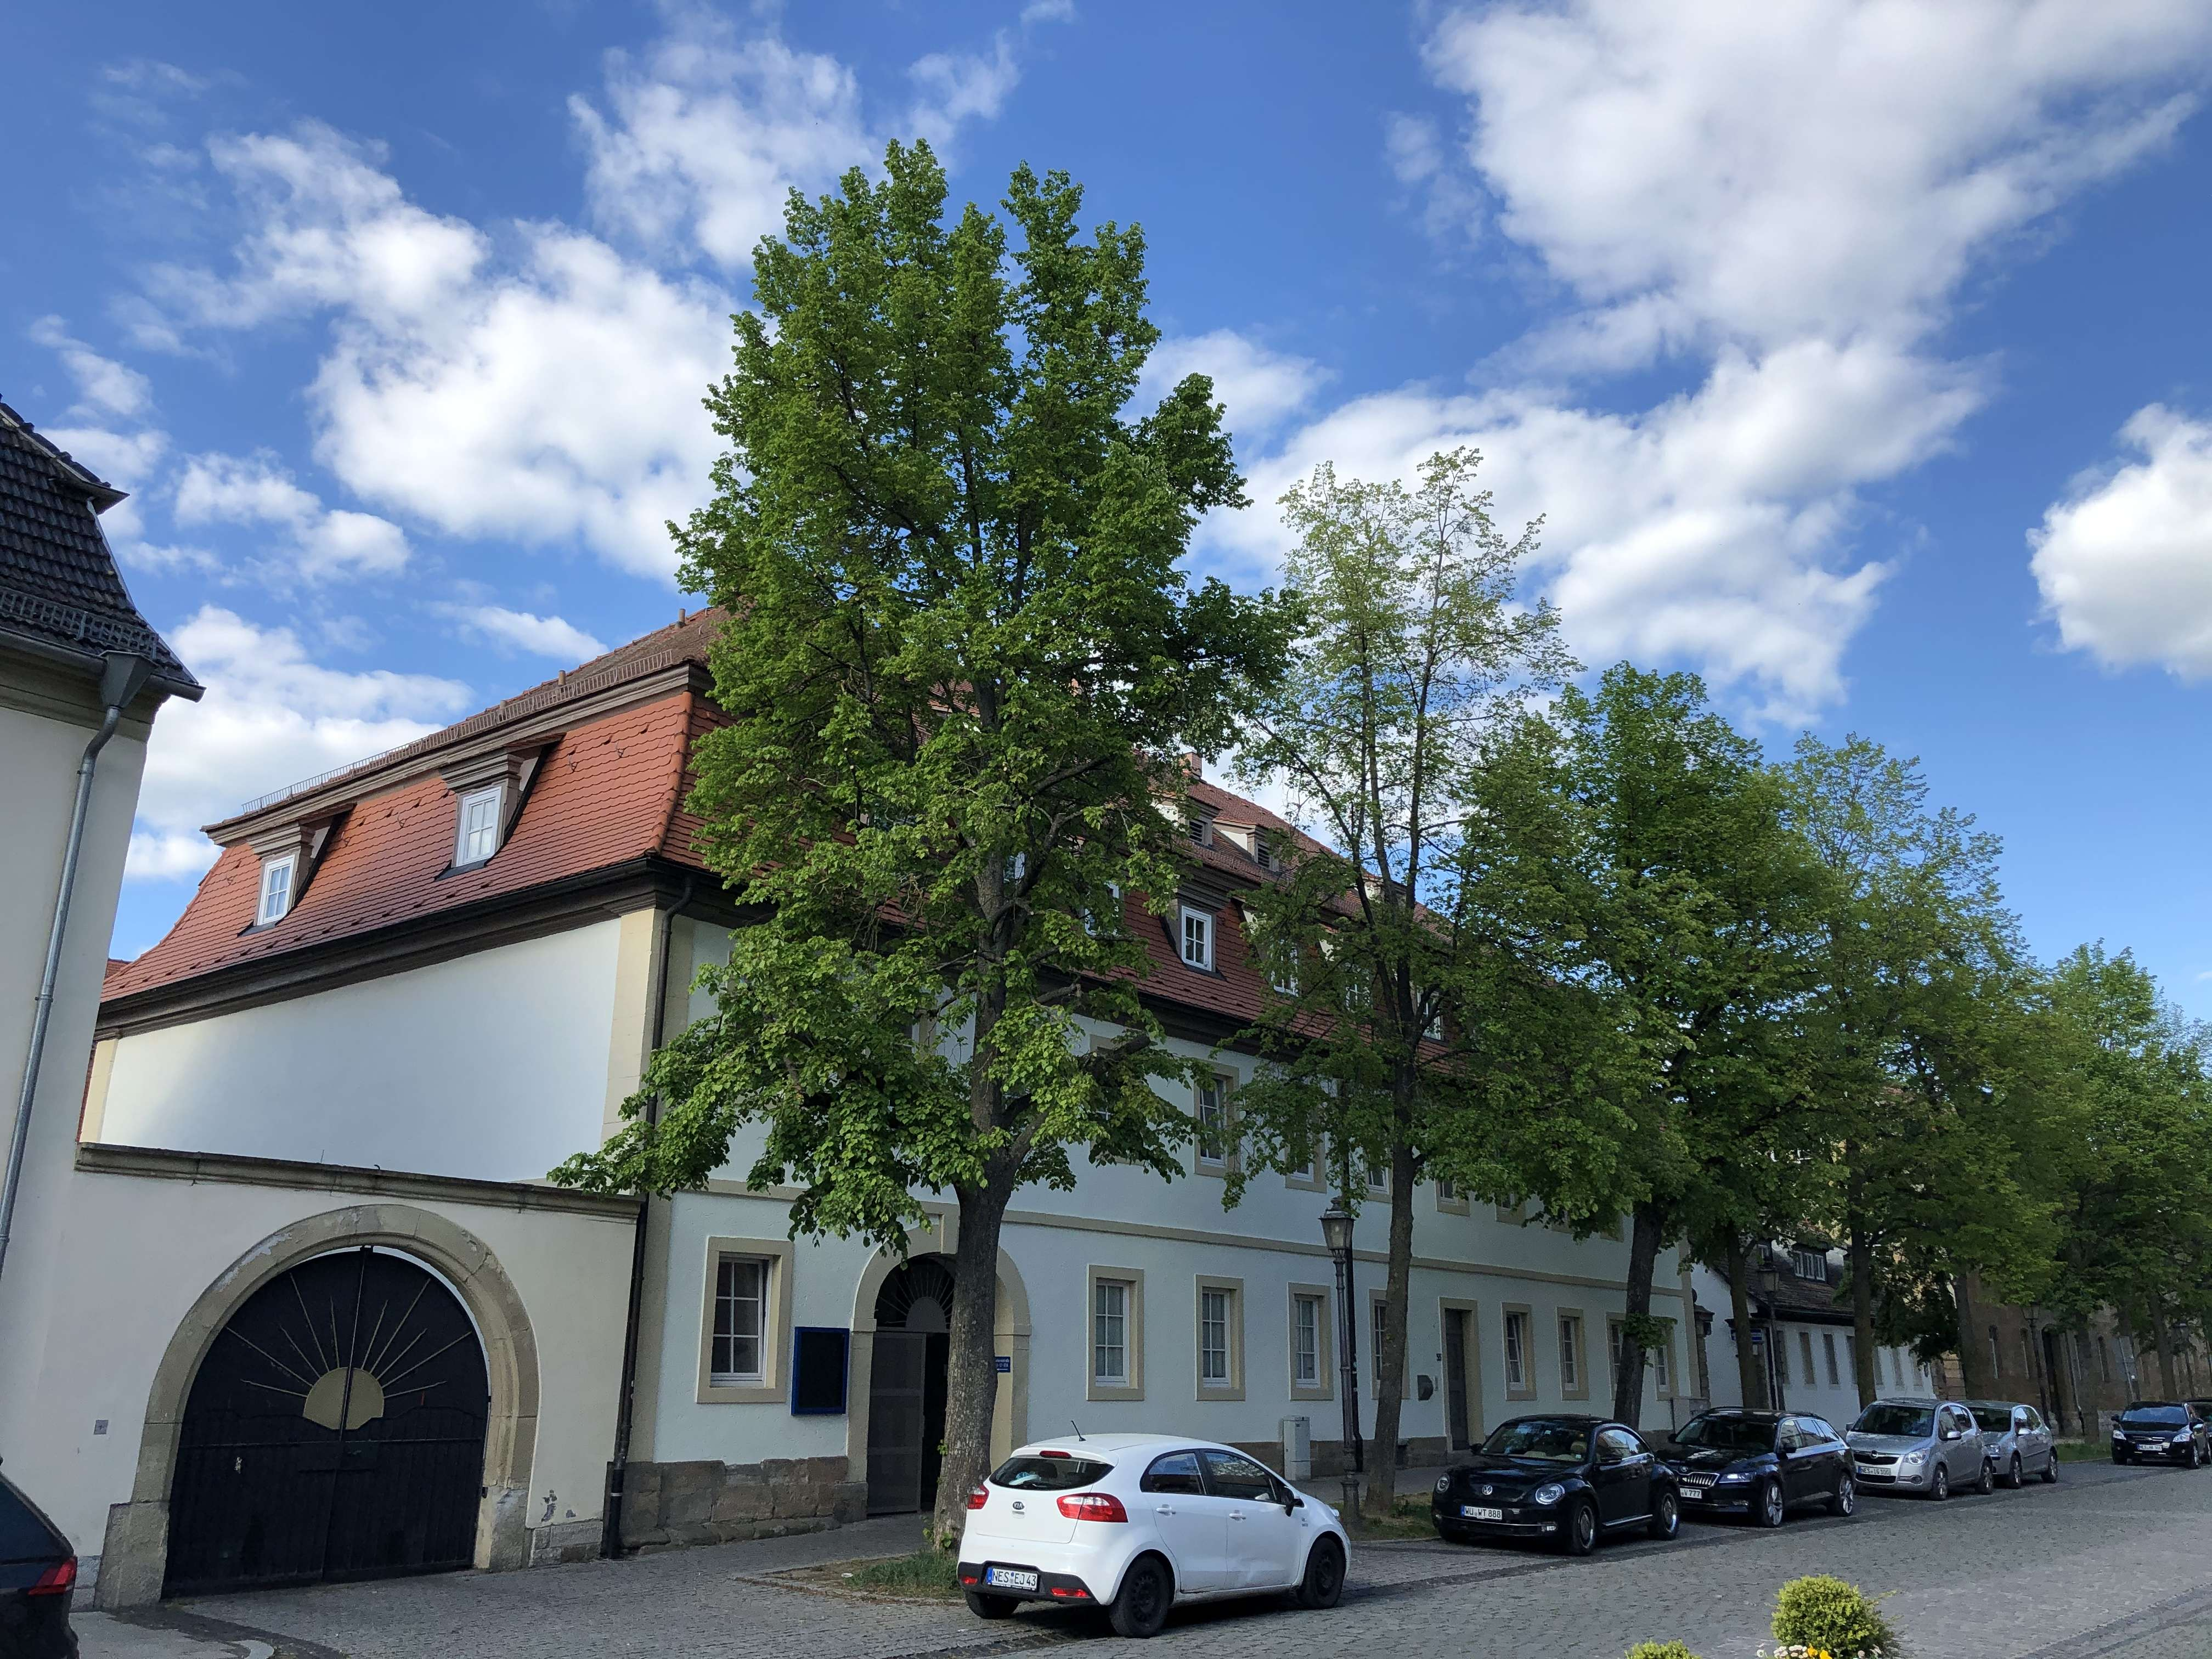 Einmaliges Preisangebot: Sanierte 3-Zimmerwohnung im Zentrum Bad Königshofens, provisionsfrei!!! in